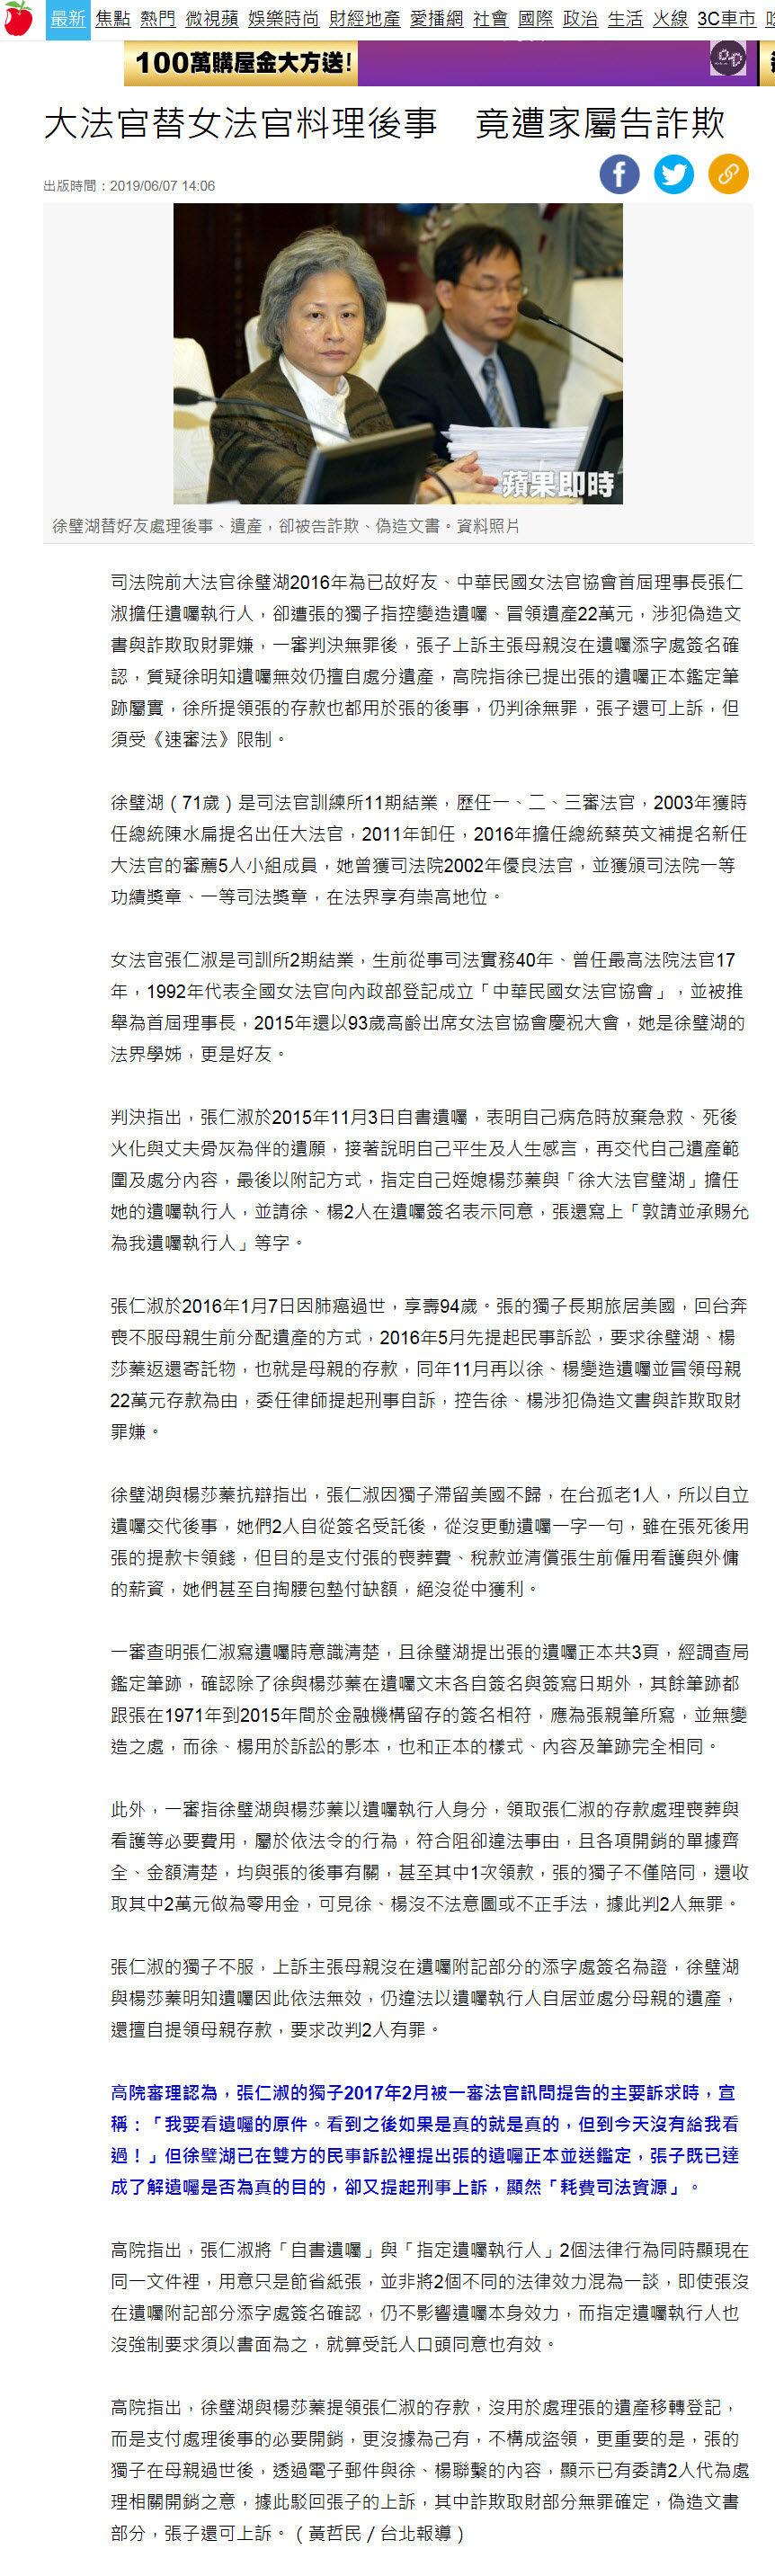 大法官替女法官料理後事 竟遭家屬告詐欺-2019.06.07.jpg